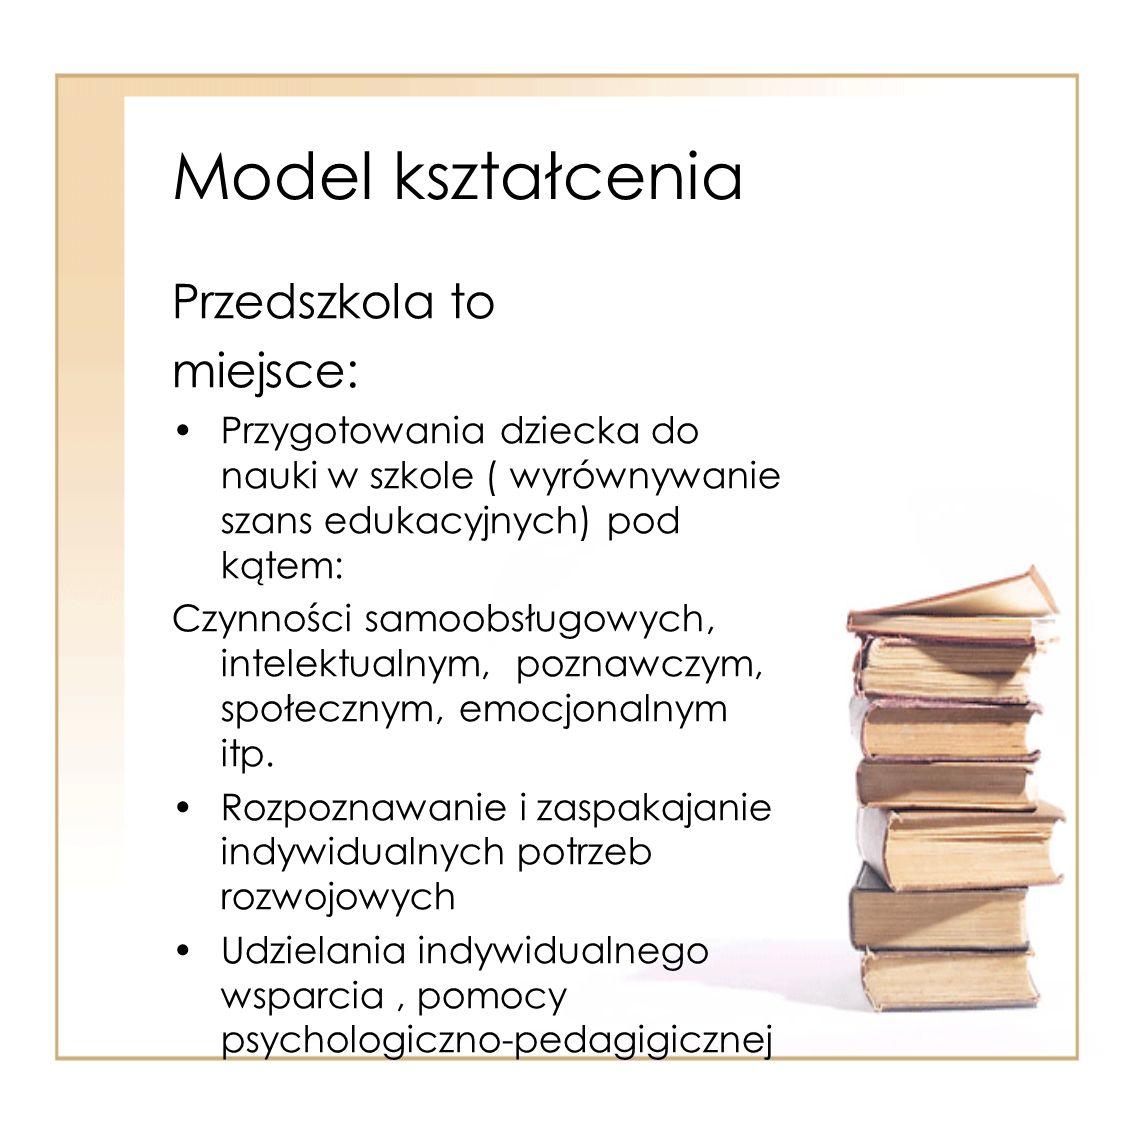 Zadania zespołu 1) ustalenie zakresu pomocy psychologiczno-pedagogicznej z uwagi na indywidualne potrzeby rozwojowe i edukacyjne oraz możliwości psychofizyczne, 2) określenie zalecanych: - form i sposobów pracy - okresu udzielania uczniowi pomocy psychologiczno-pedagogicznej - indywidualnych potrzeb rozwojowych i edukacyjnych oraz możliwości psychofizycznych ucznia, - przypadku ucznia posiadającego orzeczenie lub opinię uwzględnienie zawartych zaleceń 3) zaplanowanie działań z zakresu doradztwa edukacyjno-zawodowego i sposobu ich realizacji – w przypadku ucznia gimnazjum i szkoły ponadgimnazjalnej